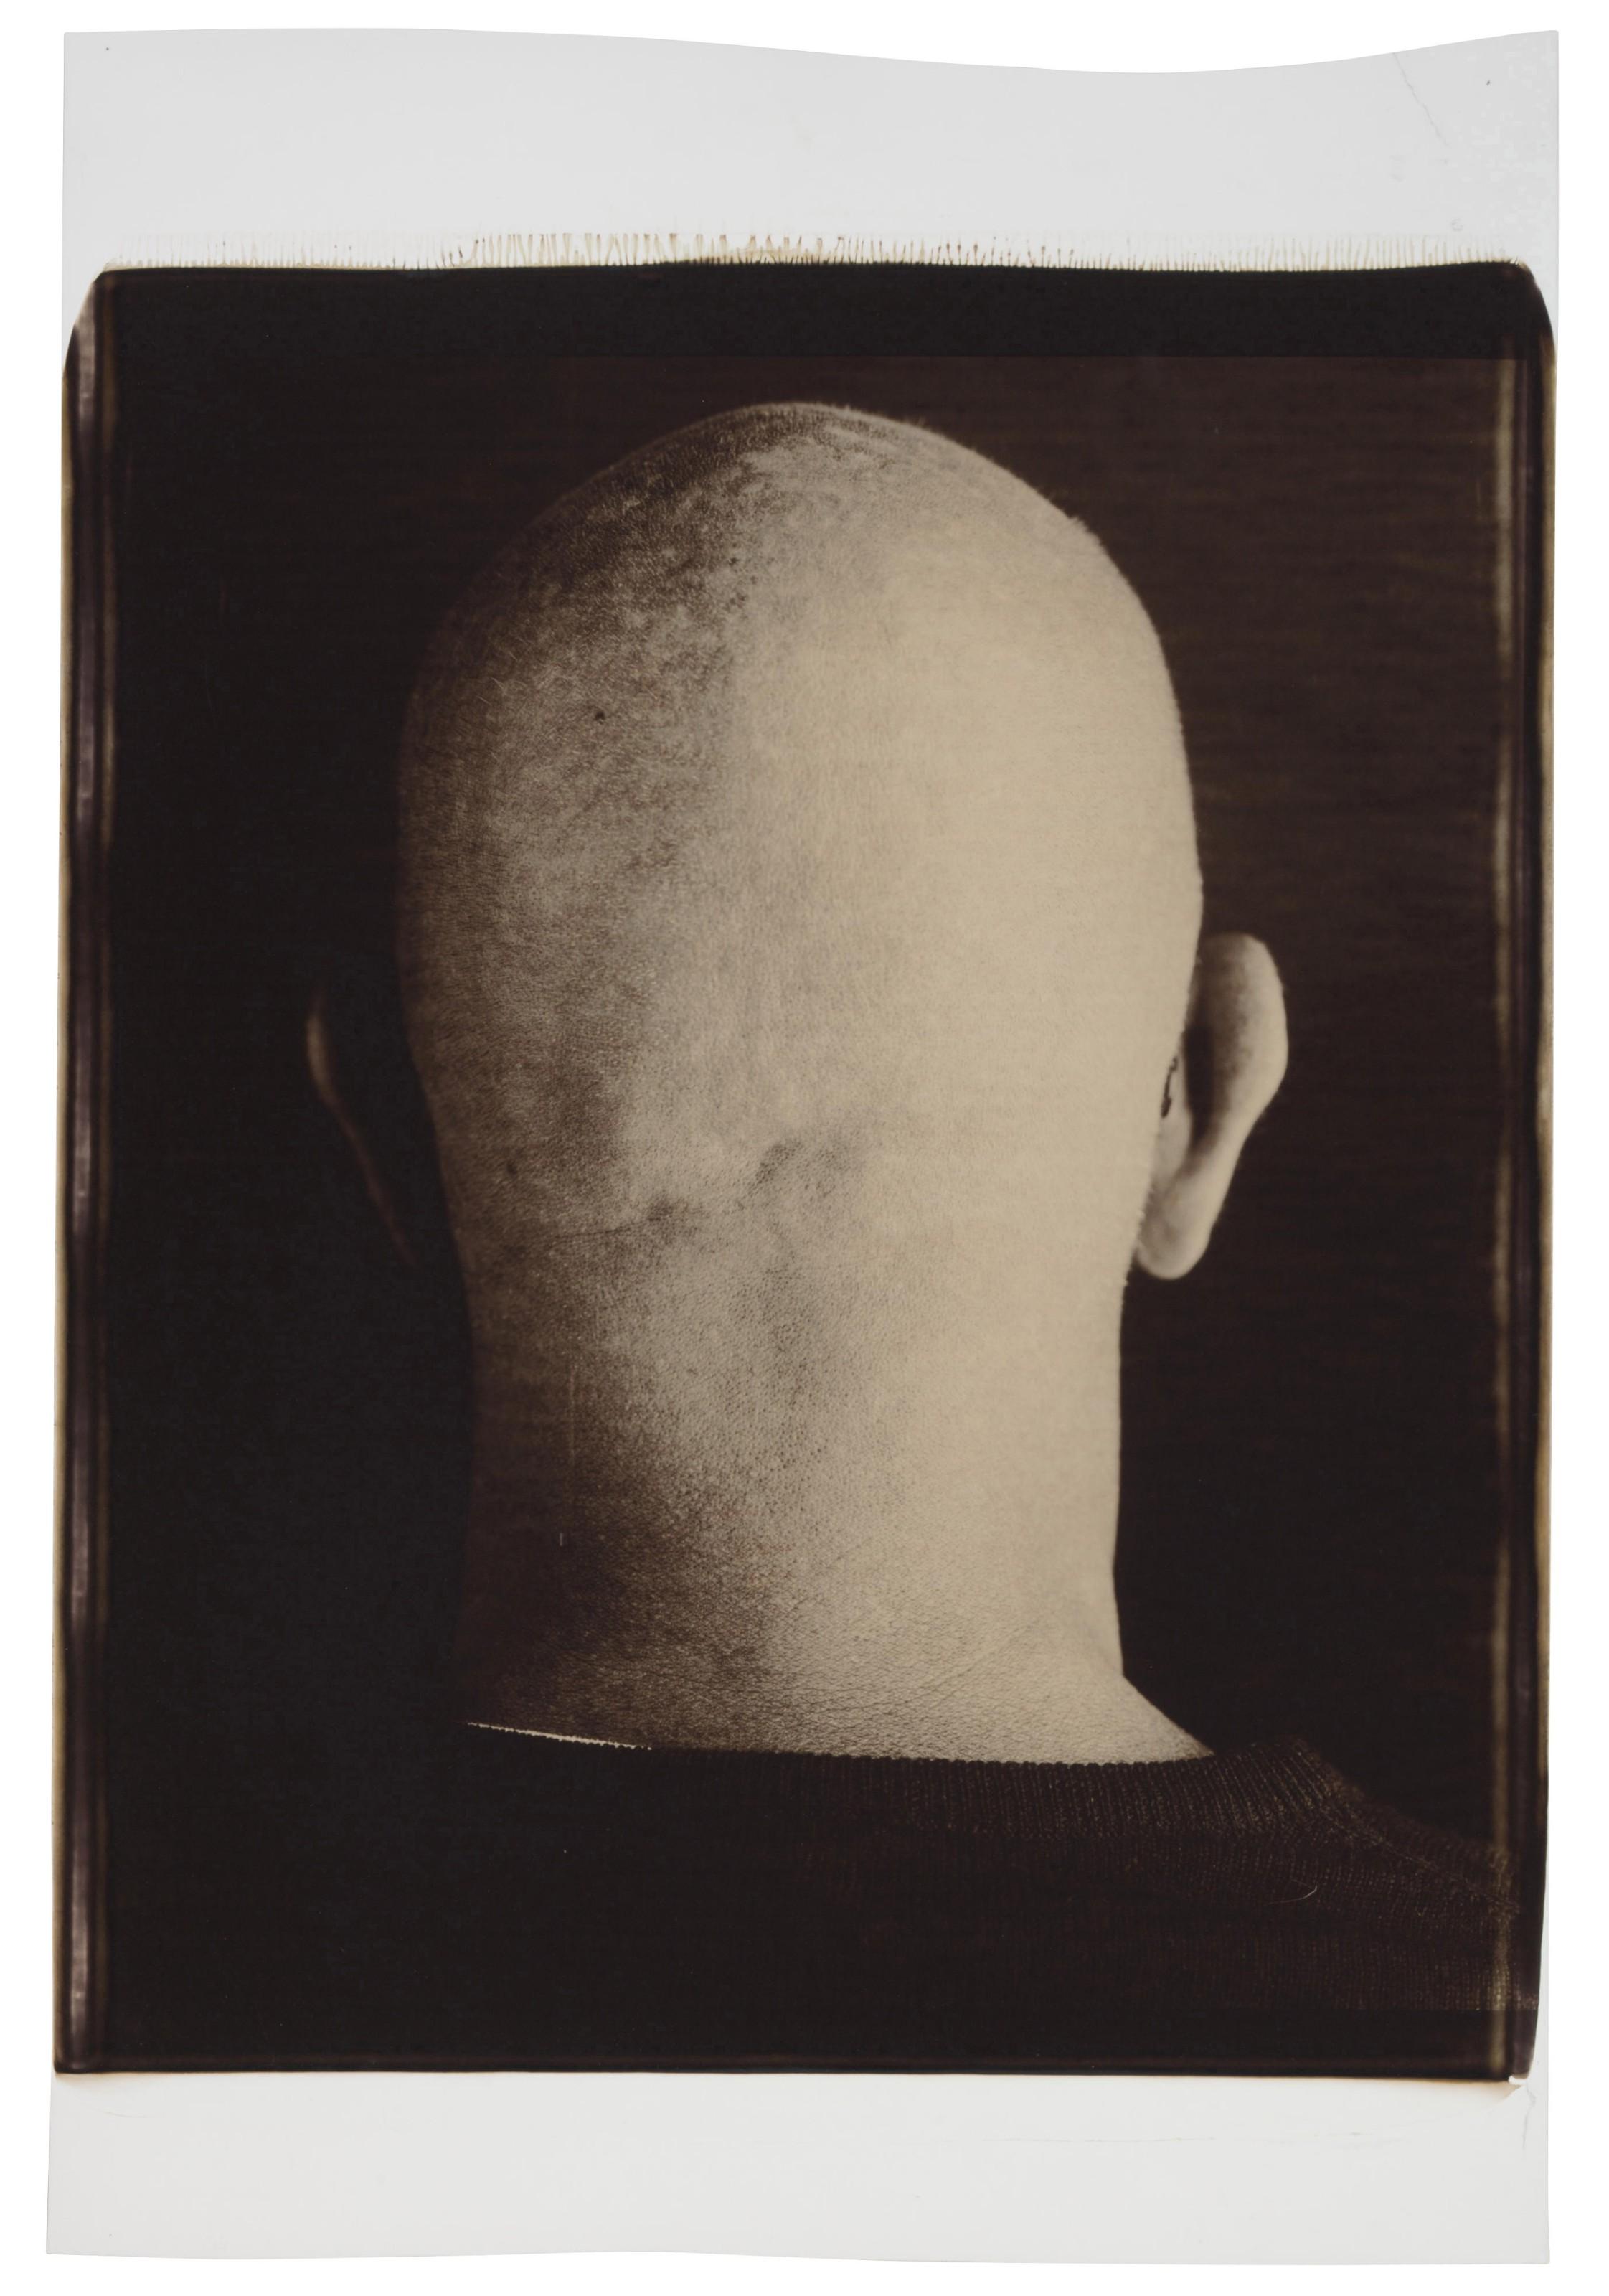 LYLE ASHTON HARRIS (B. 1965)